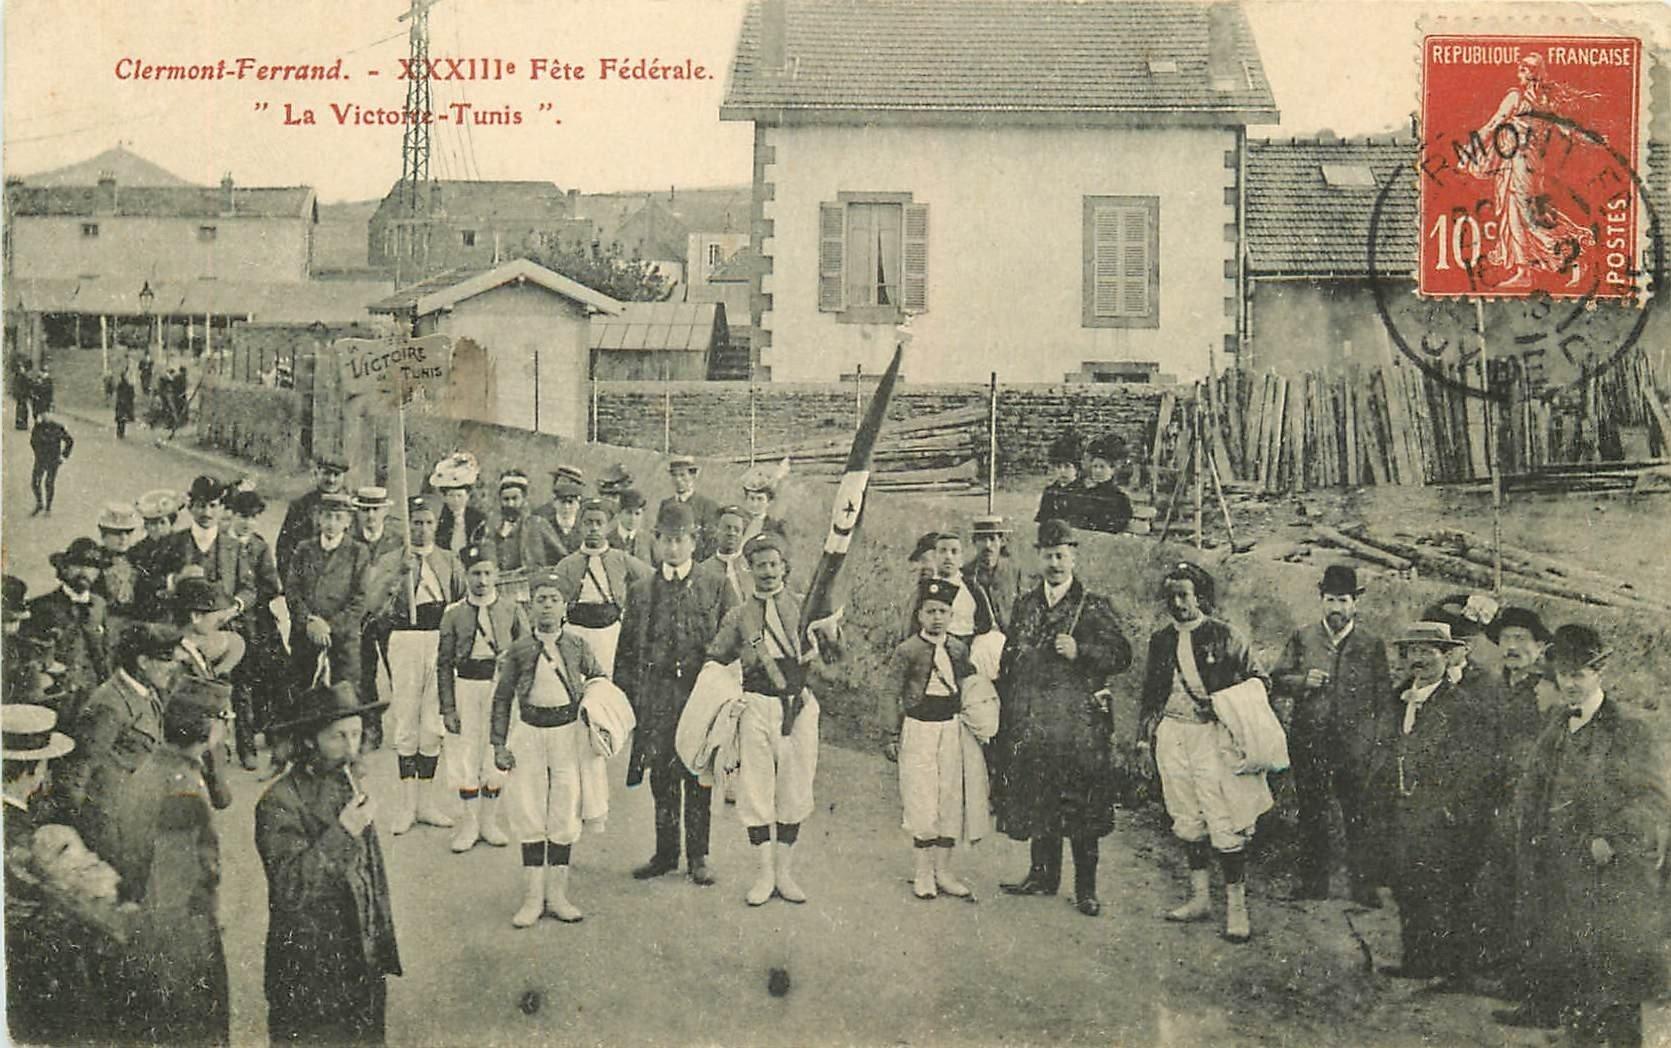 WW 63 CLERMONT-FERRAND. La Victoire-Tunis Fête Fédérale 1908